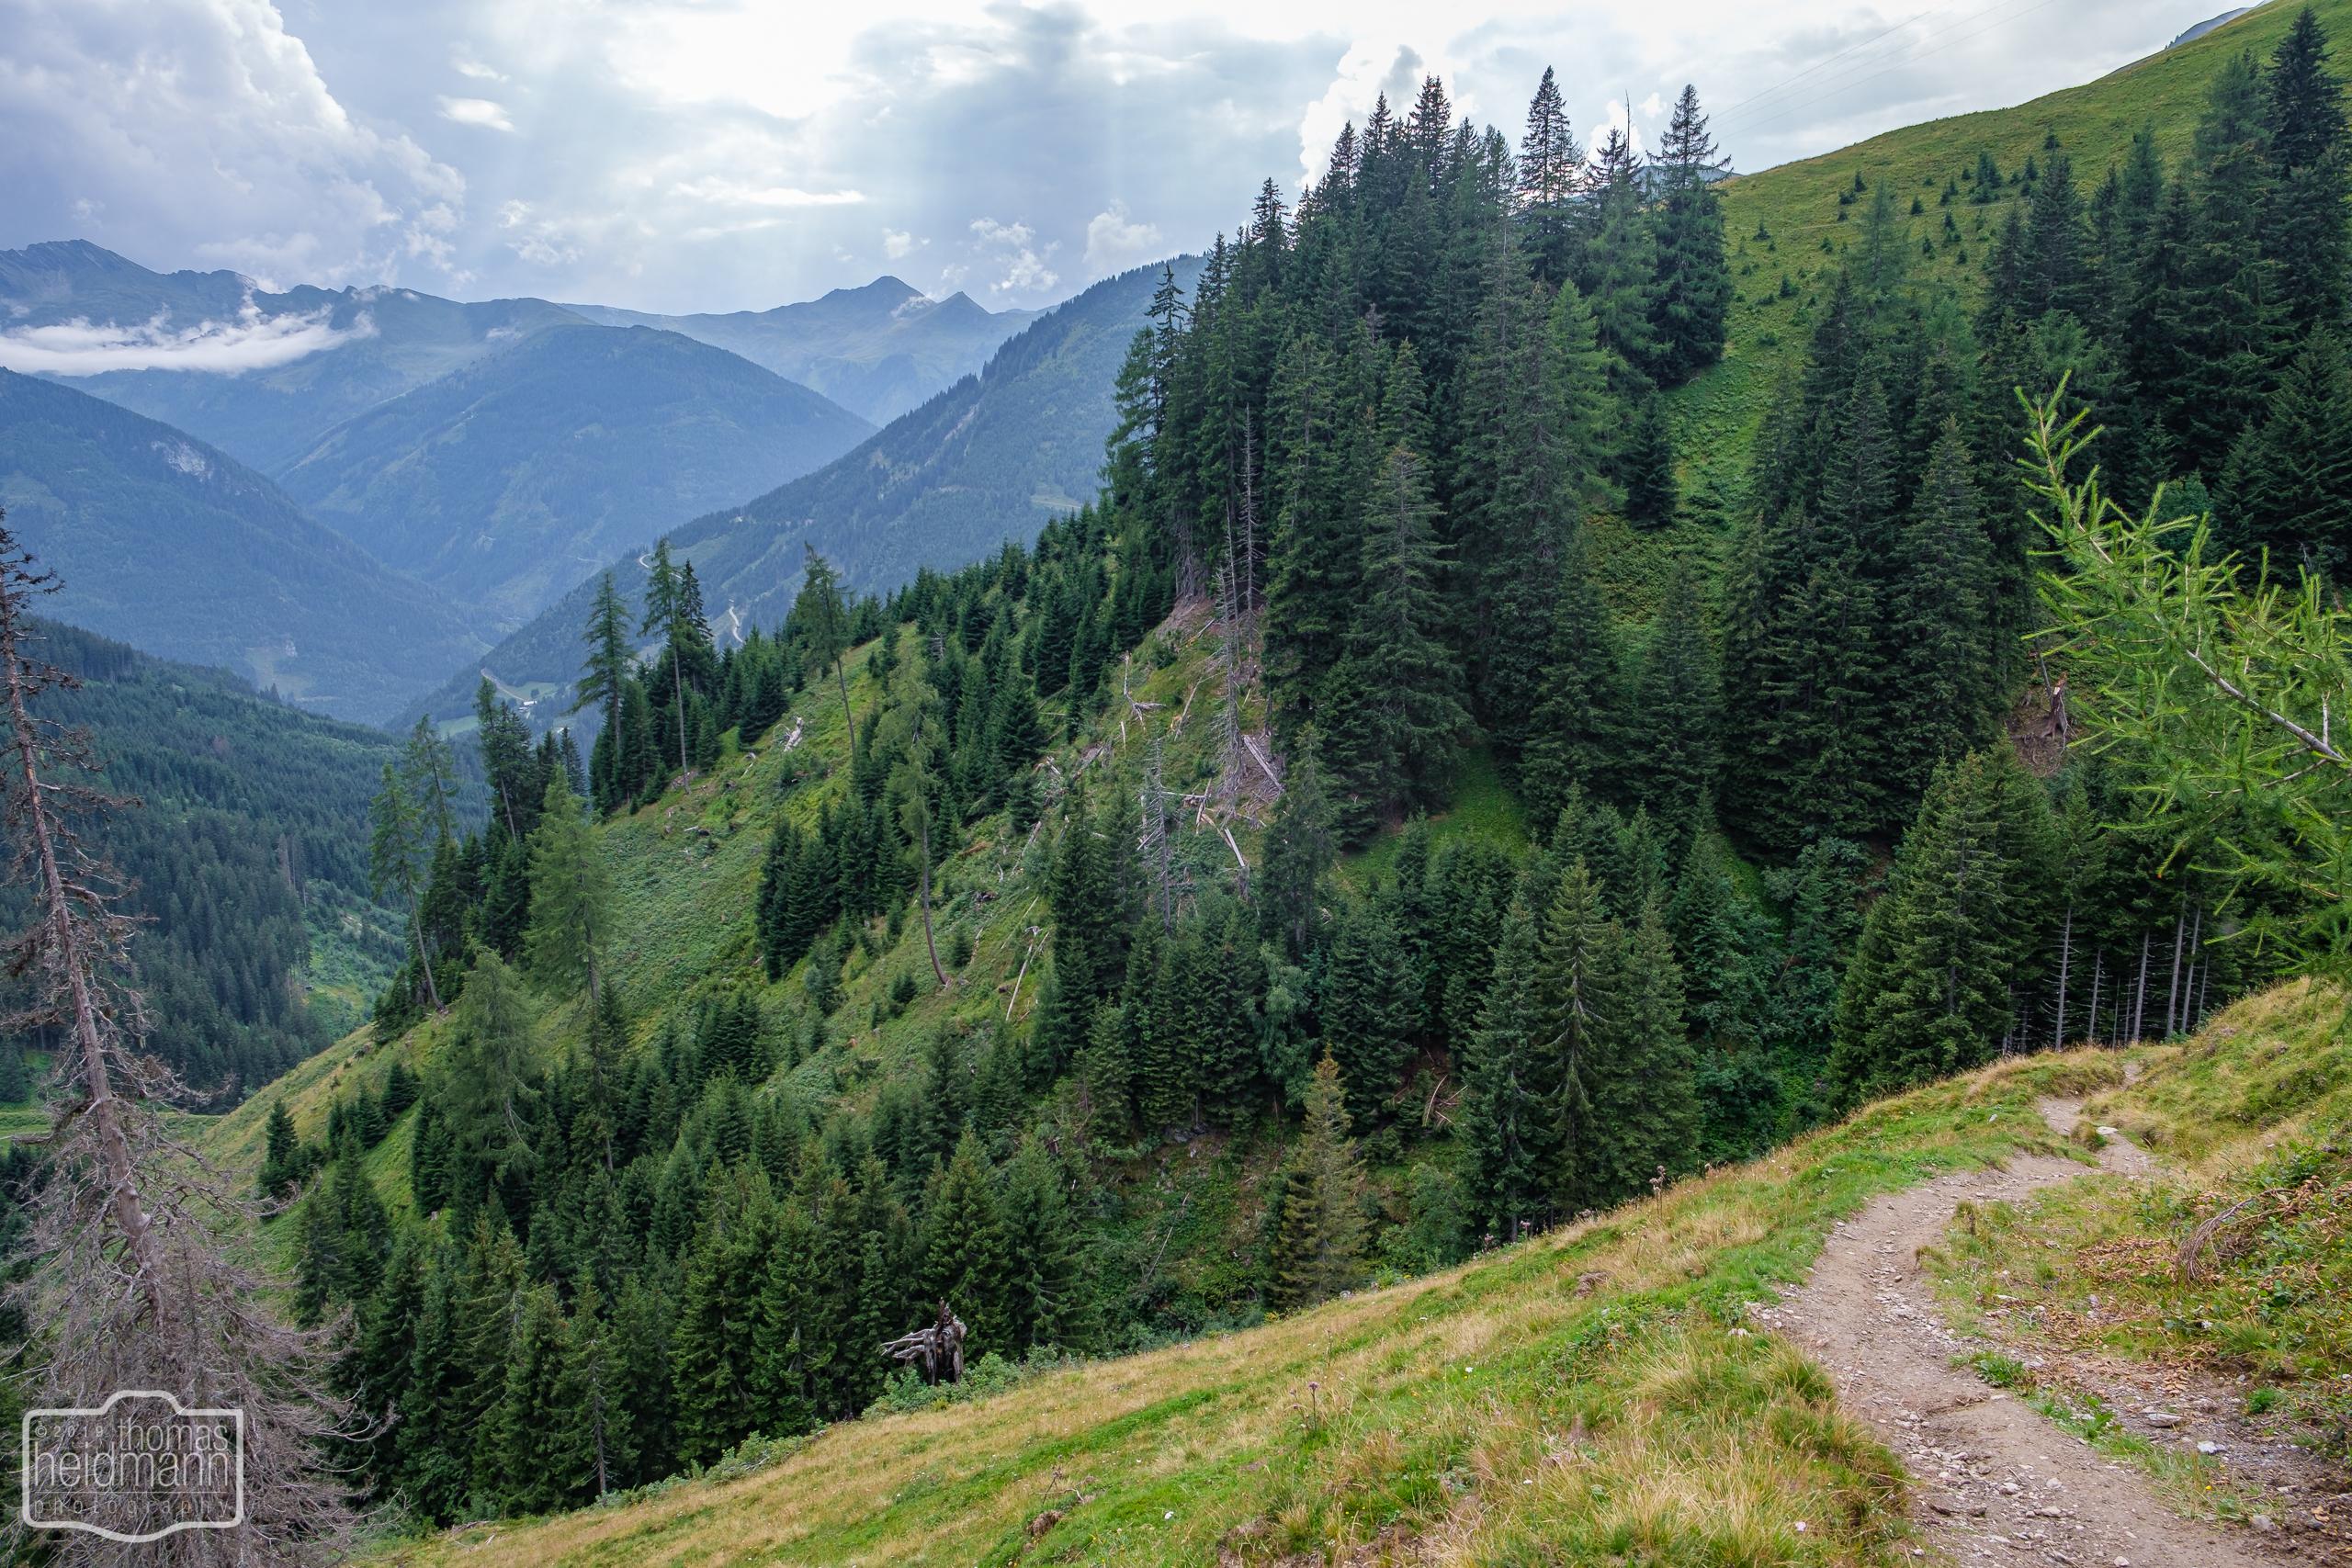 Gratwanderung - Der Weg ins Tal